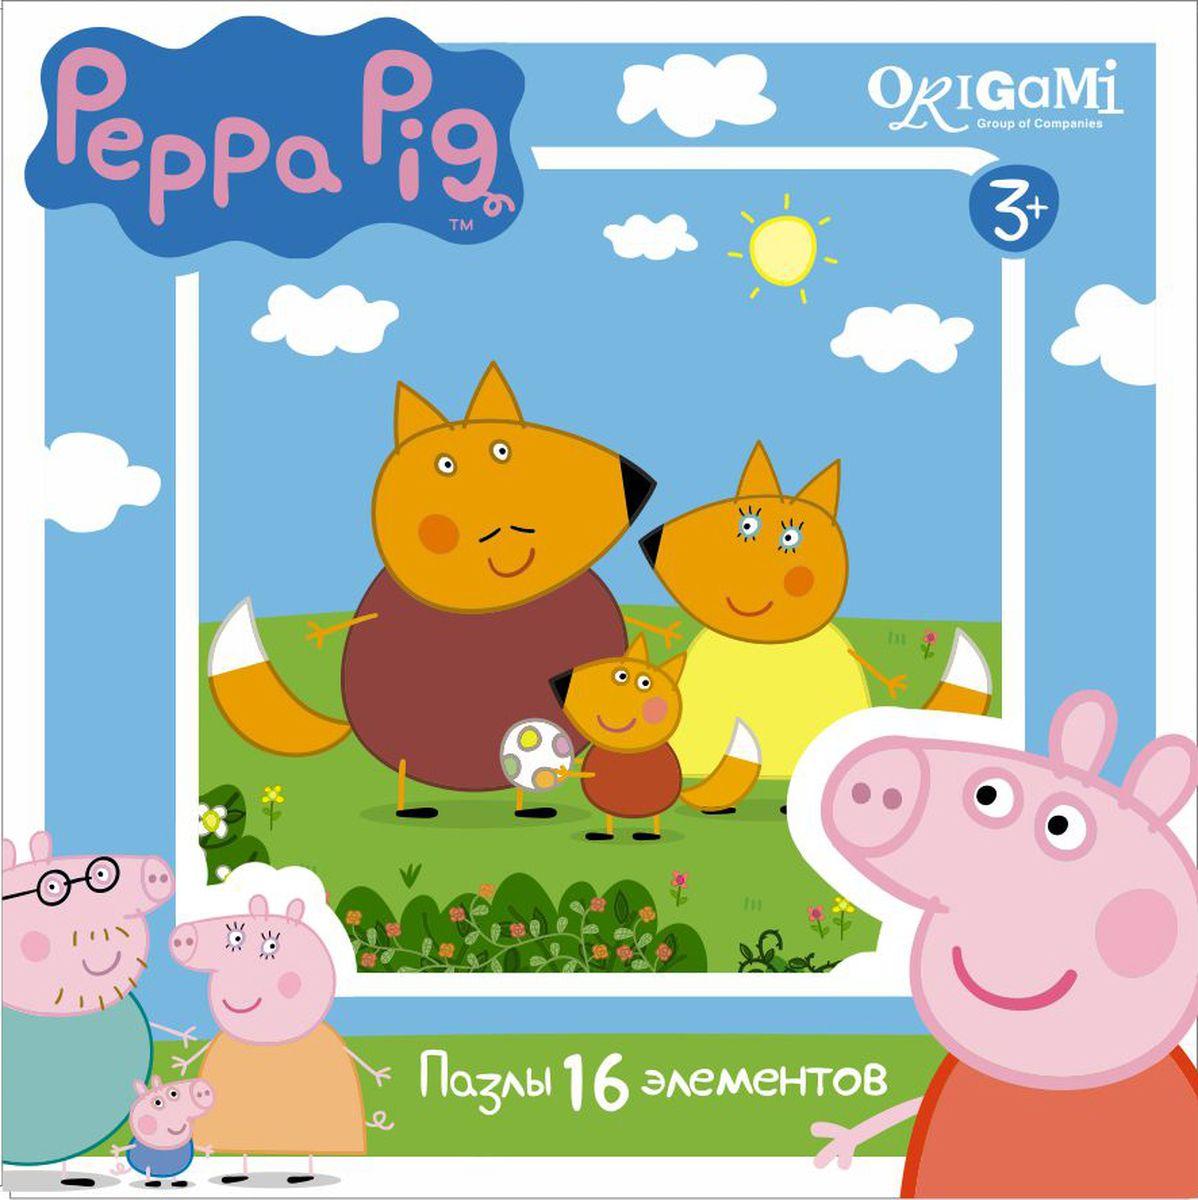 Оригами Пазл Peppa Pig 16A 0157901579Пазл Peppa Pig на 16 деталей. Пазл за пазлом ребёнок будет узнавать о весёлых приключениях Свинки Пеппы. Составление пазла станет развивающим досугом для малыша, т.к. тренирует пространственное мышление, моторику рук, а так же подарит хорошее настроение.